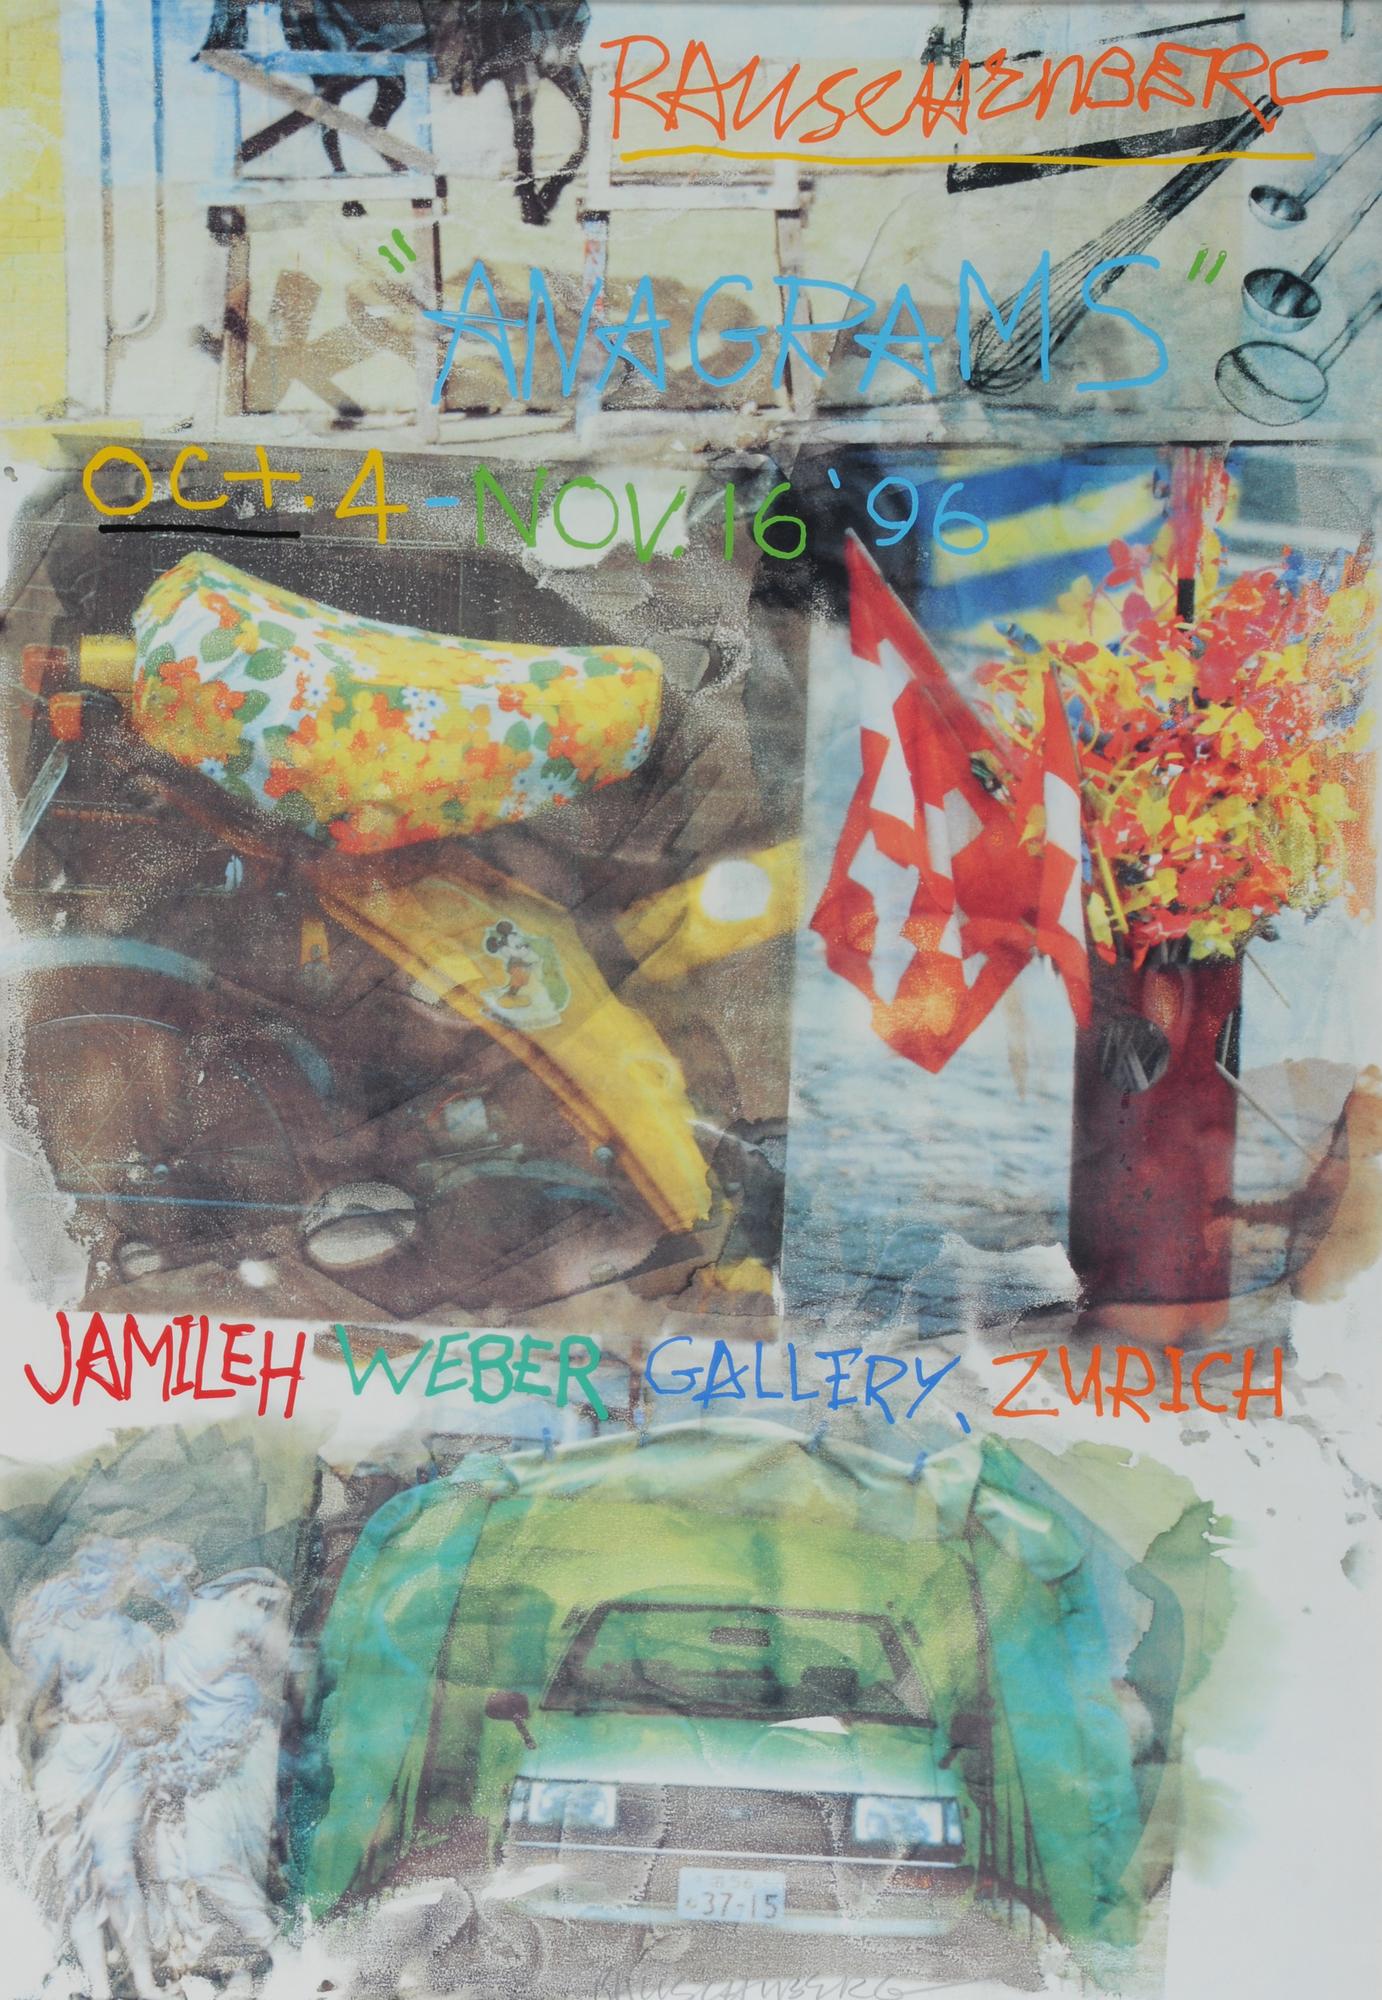 """Rauschenberg Robert, Poster. Rauschenberg,  """"Anagrams"""", Oct. 4 - Nov. 16 '96, Jamileh Weber Gallery, Zurich"""